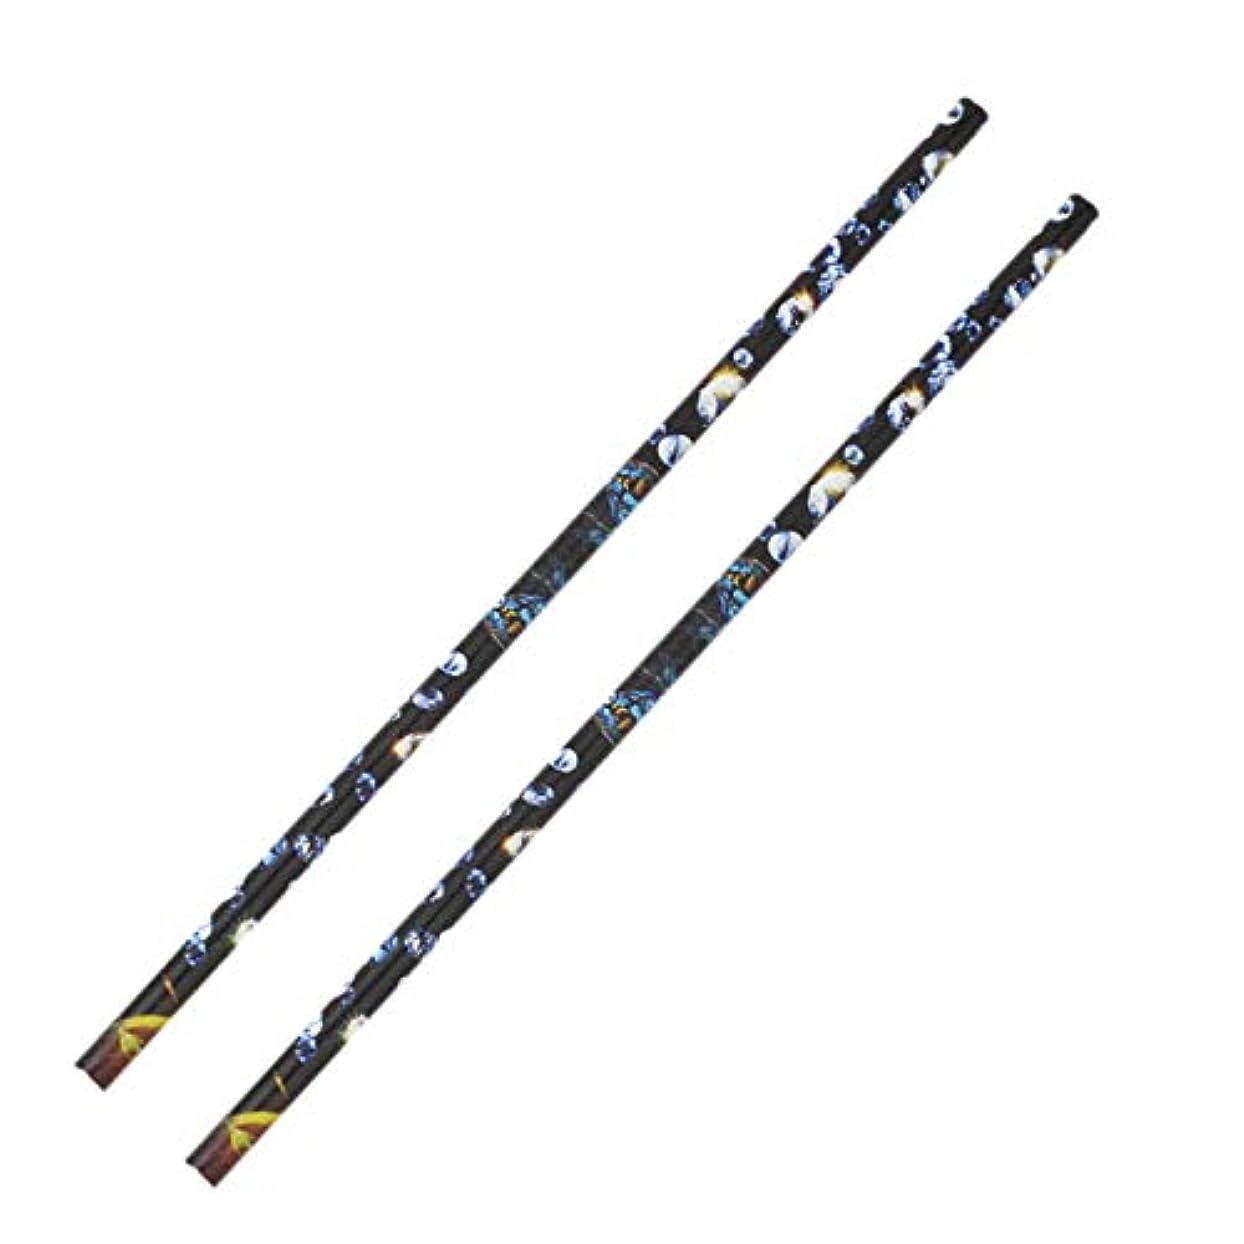 最大不明瞭授業料TOOGOO 2個 クリスタル ラインストーン ピッカー鉛筆ネイルアートクラフト装飾ツール ワックスペンDIYスティッキードリルクレヨンラインストーンスティックドリルペン マニキュアツール